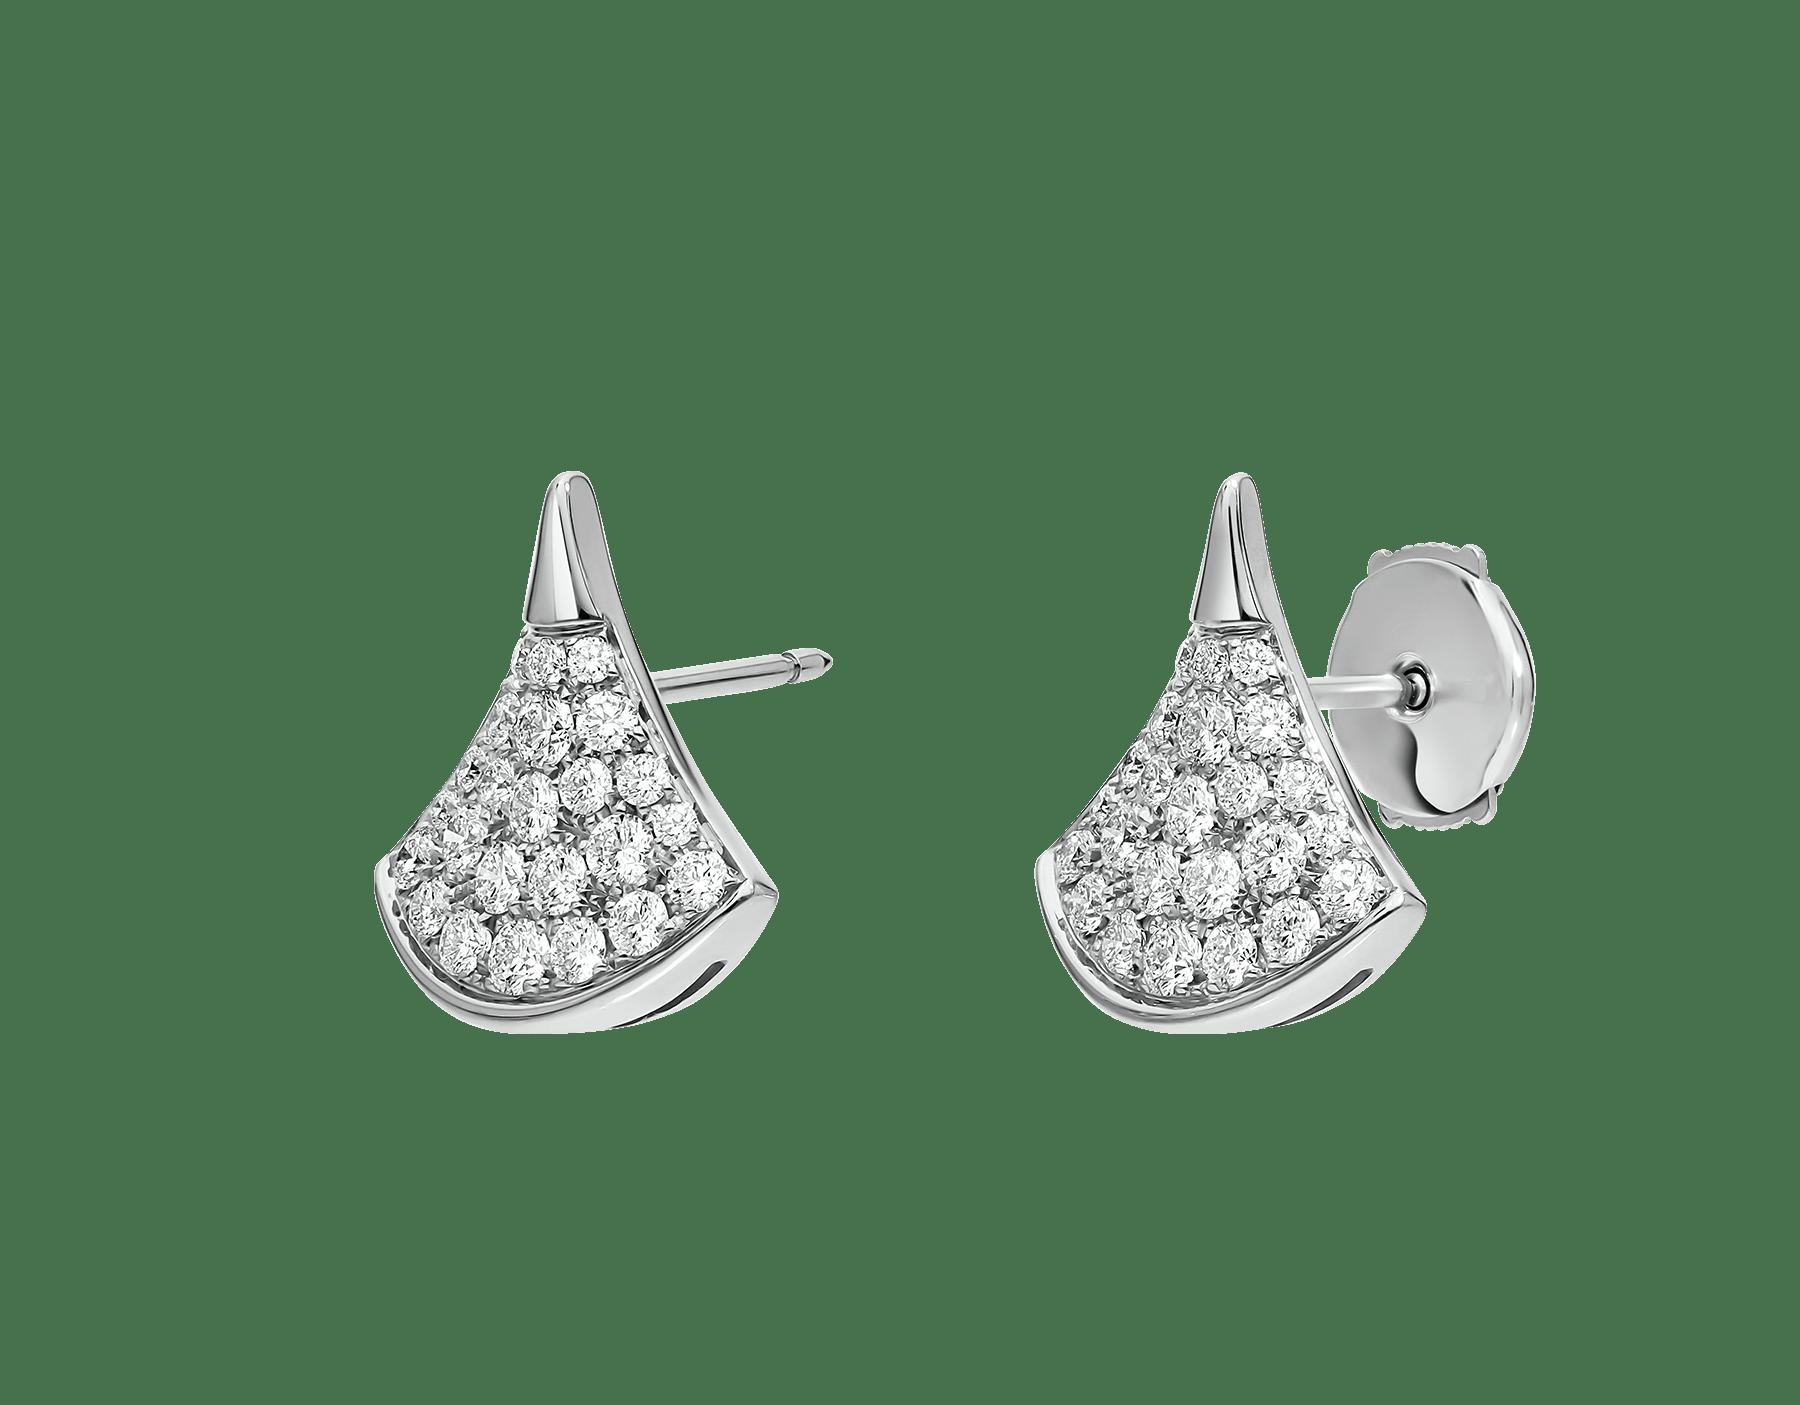 Los pendientes DIVAS' DREAM, deslumbrantes gracias a la pureza de sus formas femeninas y la clásica y atemporal combinación del pavé de diamantes y el oro blanco, revelan la refinada elegancia de cada diva. 352602 image 2